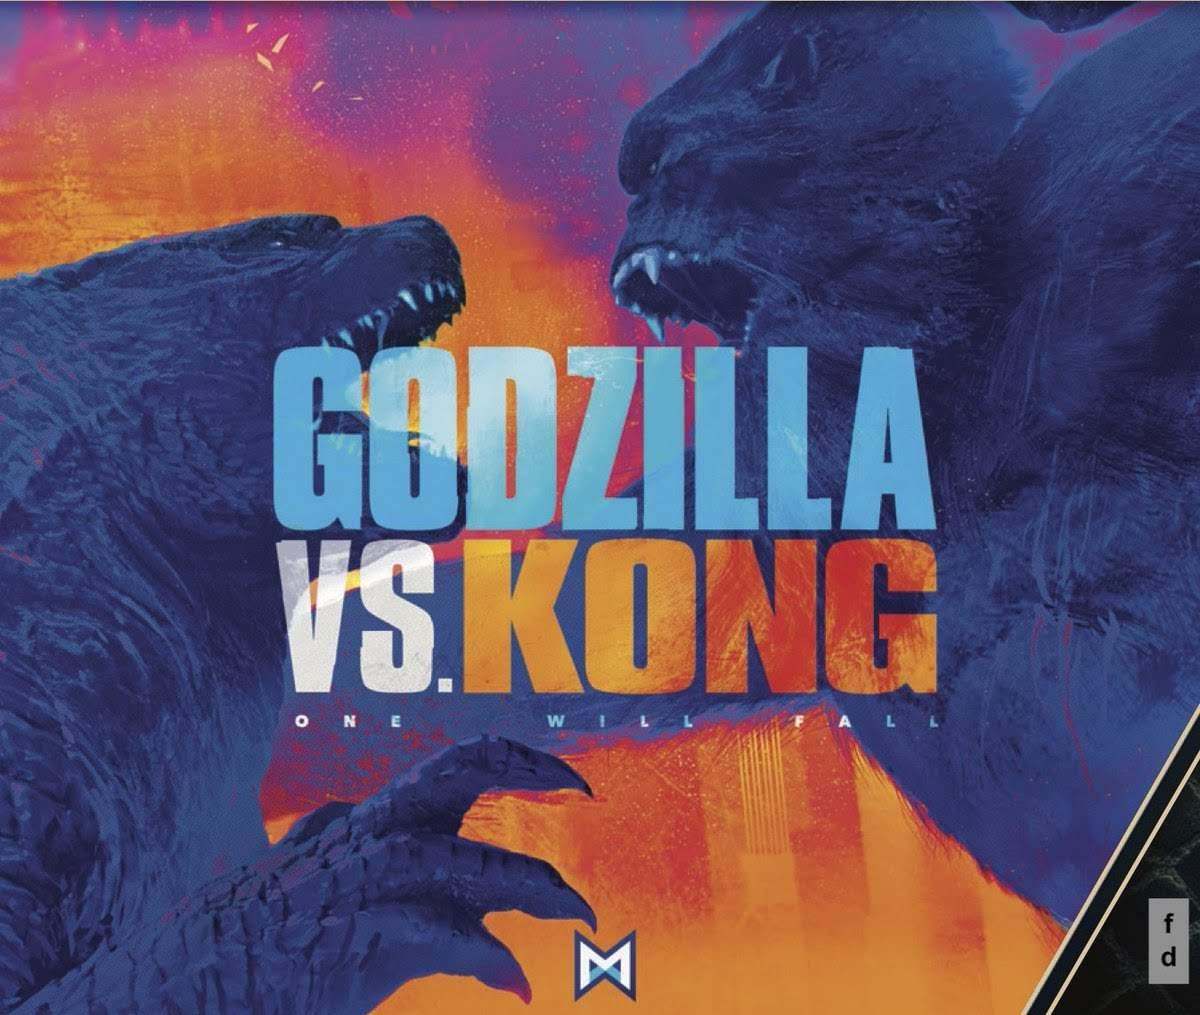 Godzilla vs. Kong :【ネタバレ注意】ハリウッド版「ゴジラ」シリーズの頂上決戦「ゴジラ vs. コング」が、コラッ ! !、著作権侵害だぞ ! ! と怒って、SNS から写真を削除しなければならないネタバレが公けになってしまった ! !